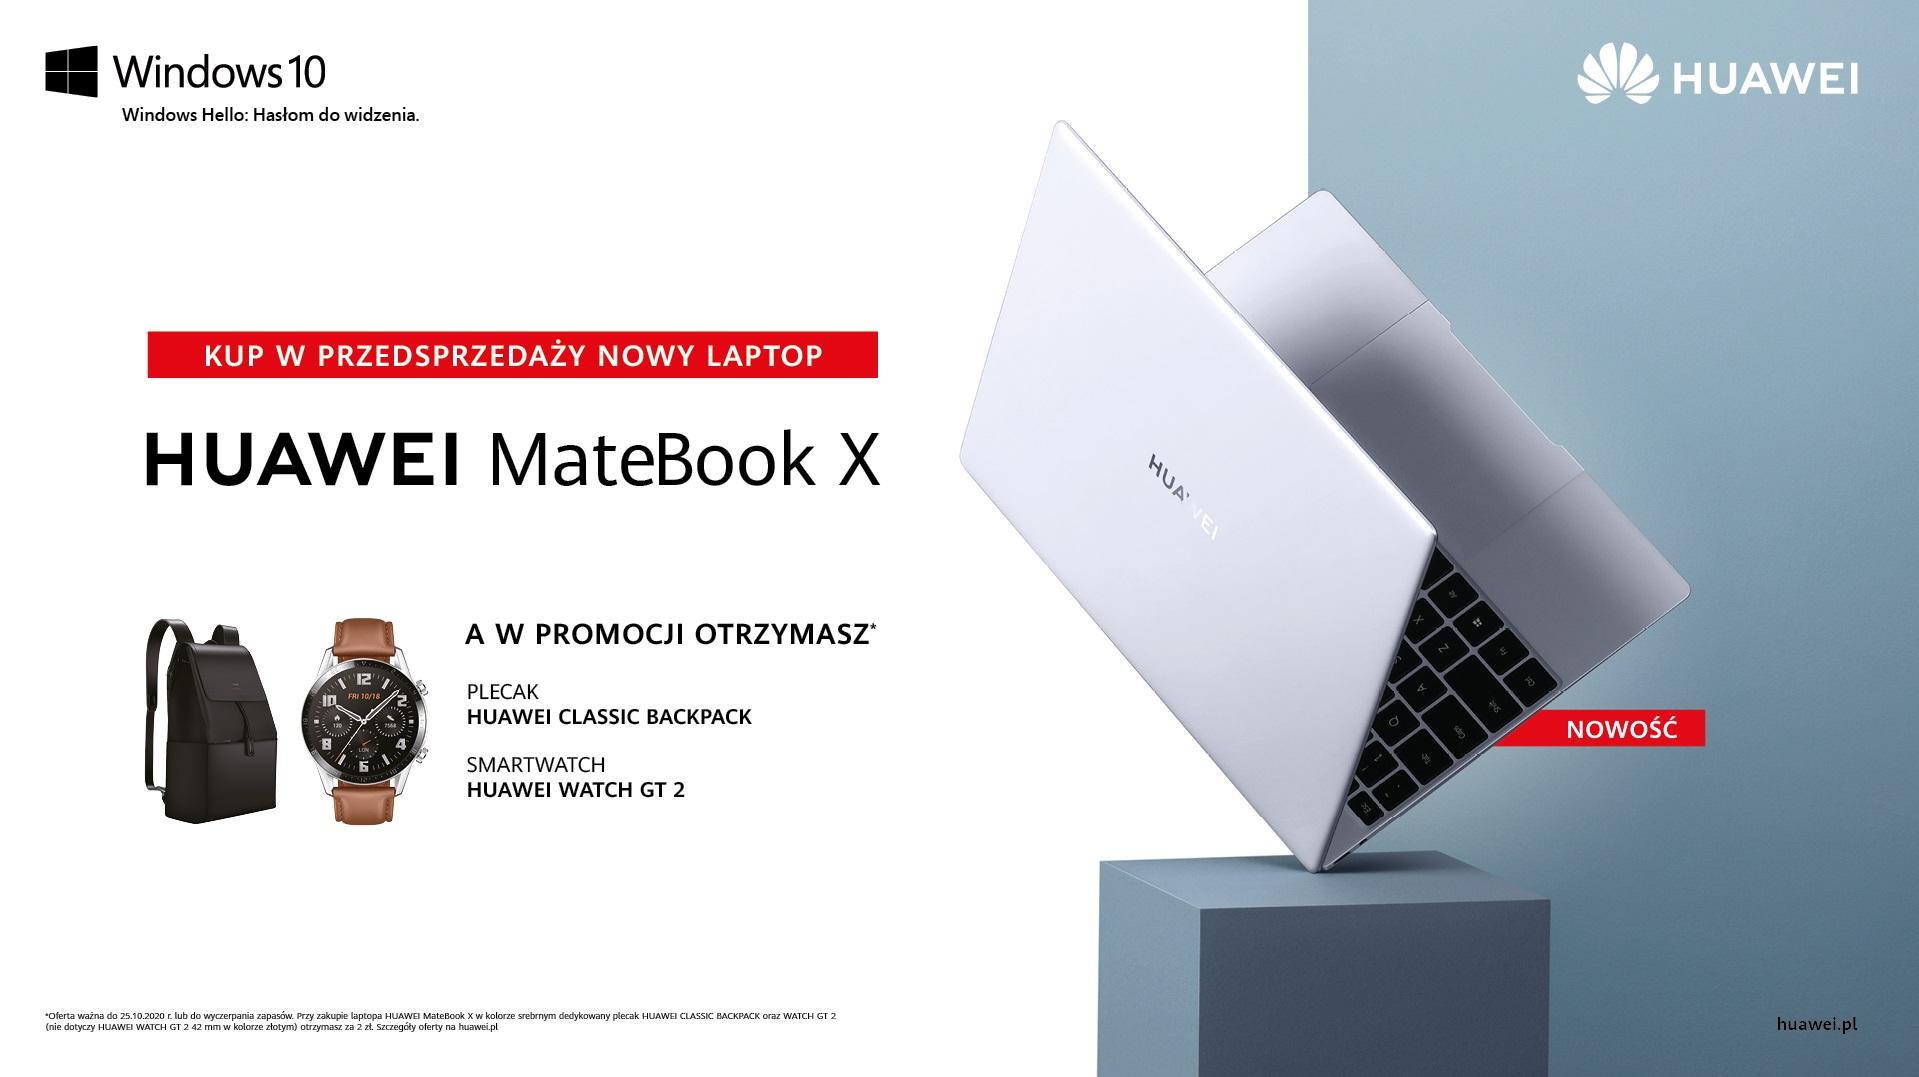 MateBook X oferta w przedsprzedaży